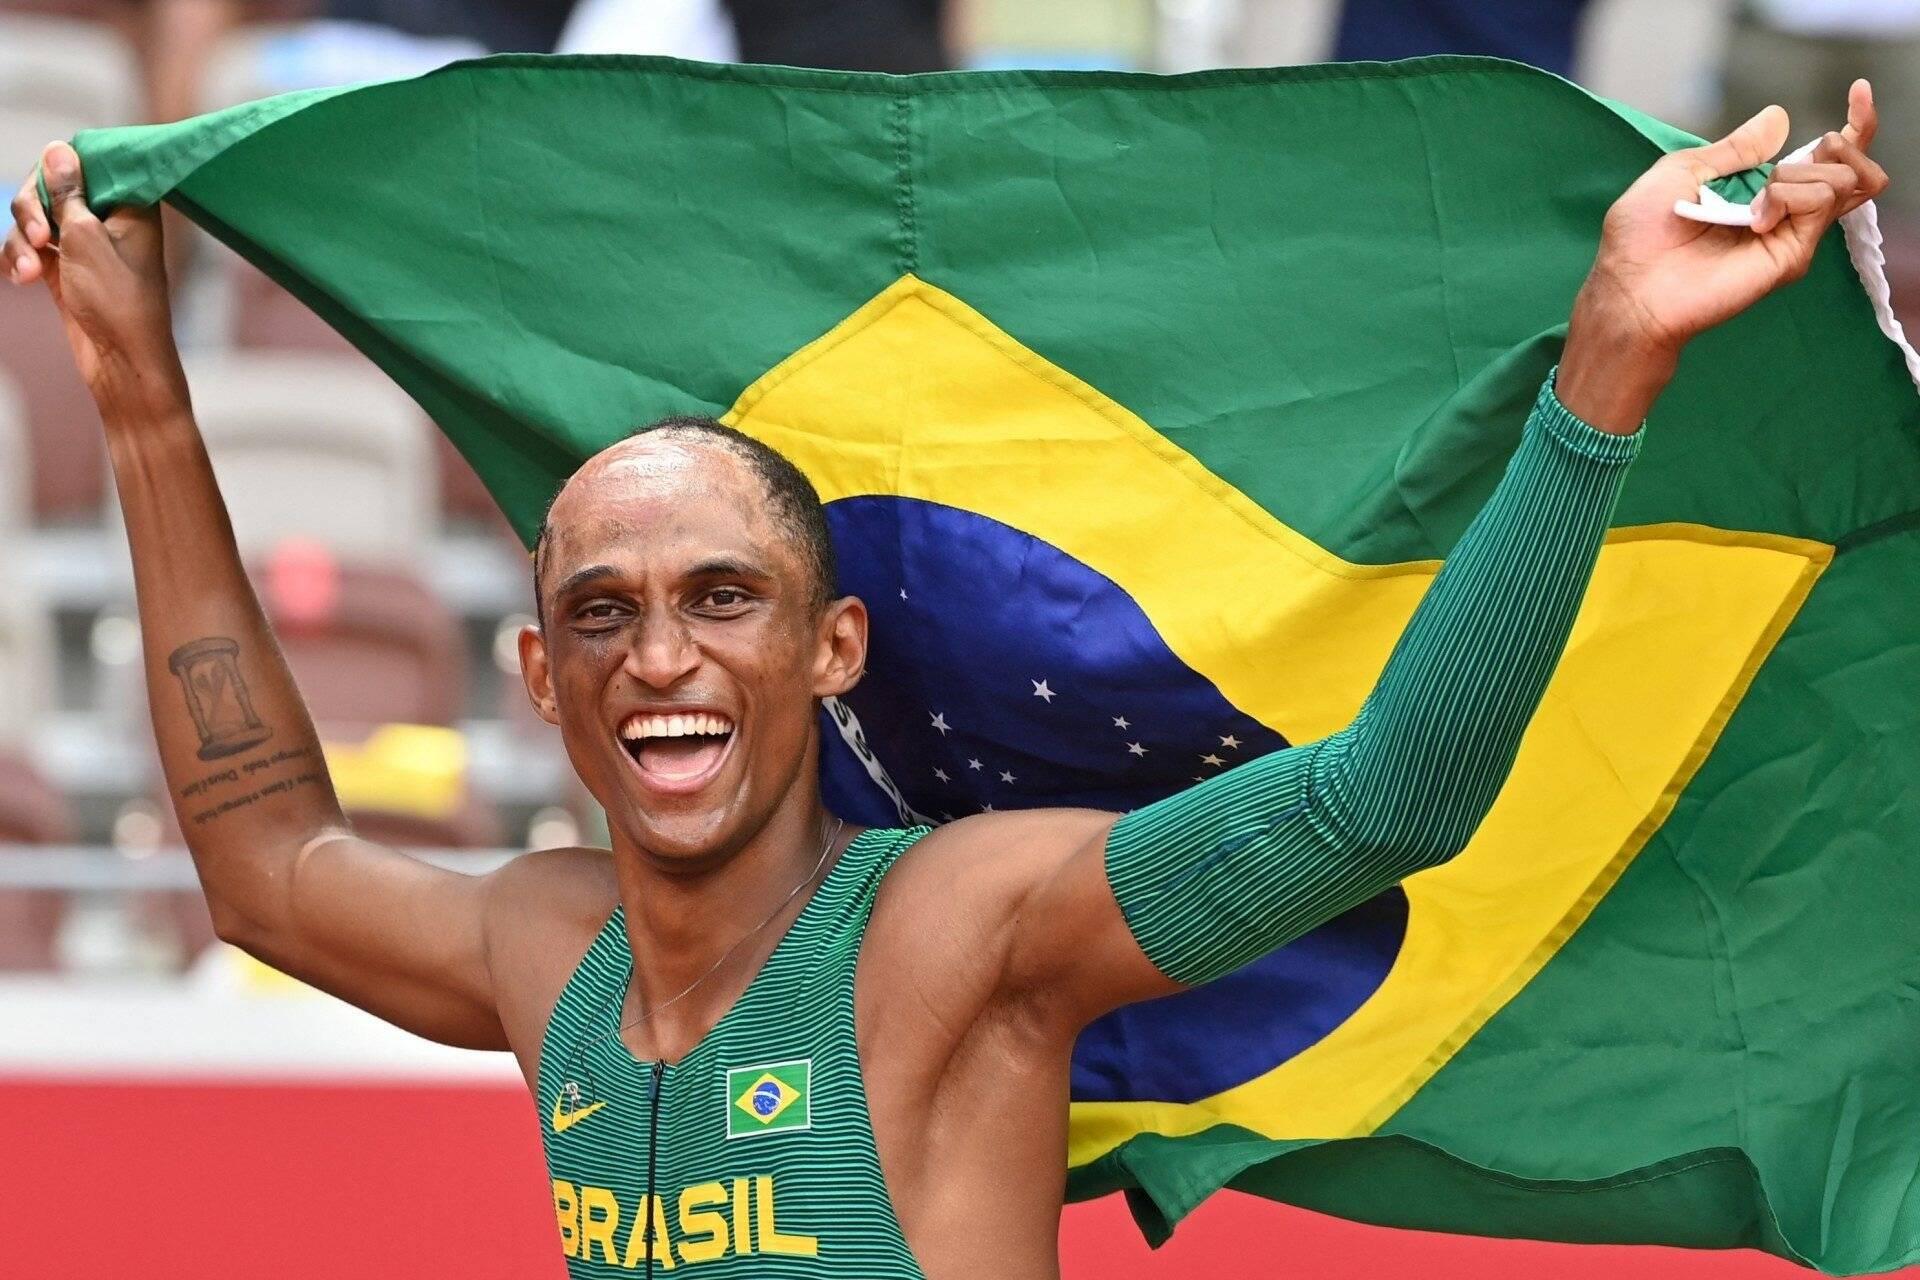 Após medalha, Alison dos Santos exalta o atletismo: 'Me fez uma pessoa diferente'. Foto: redacao@odia.com.br (Estadão Conteúdo)